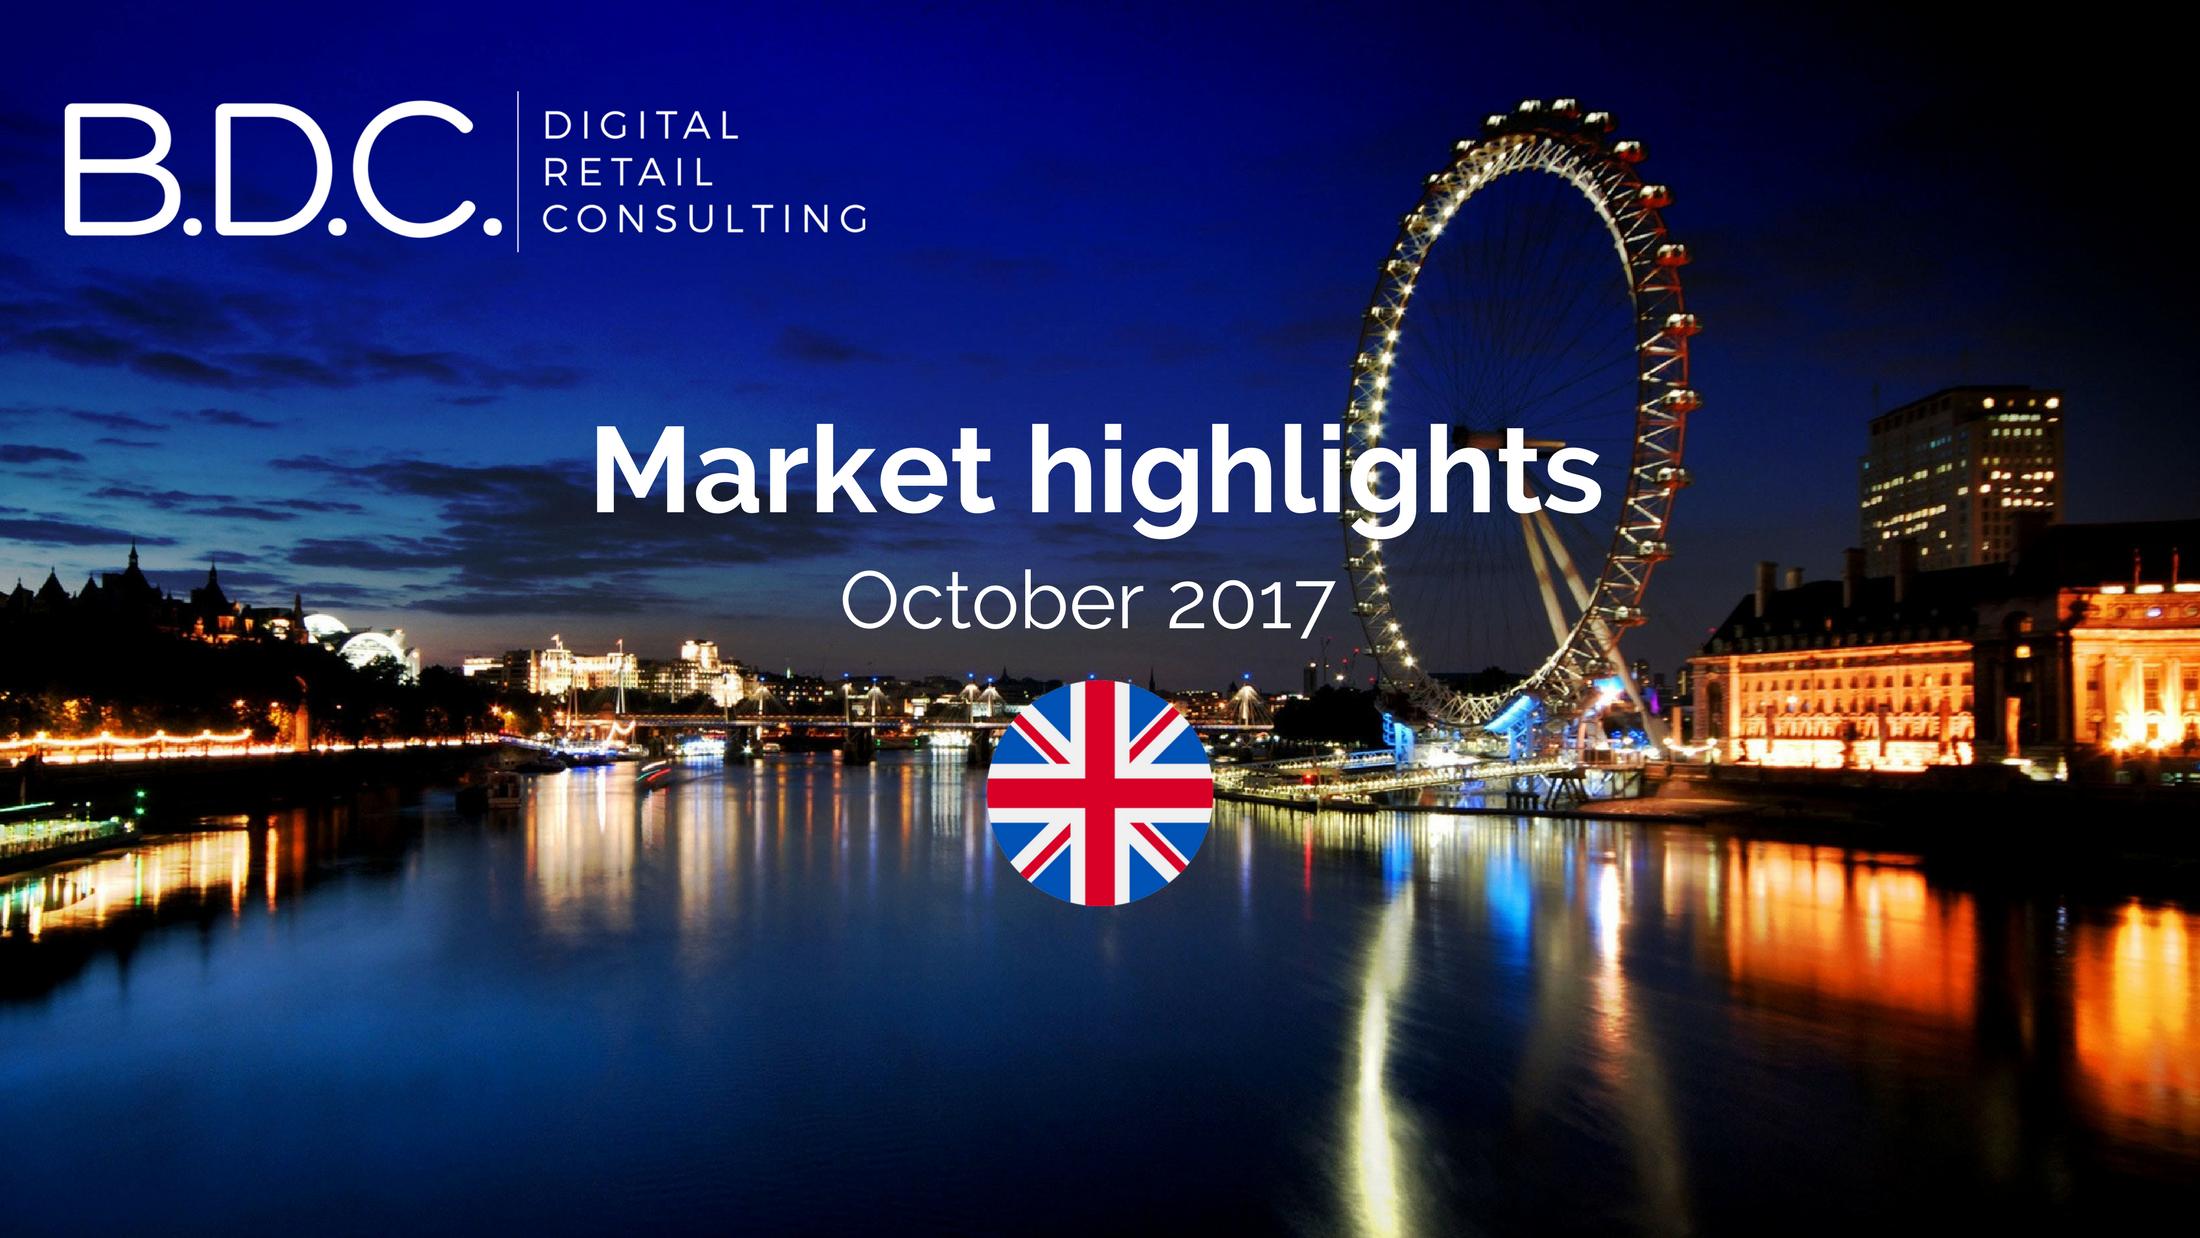 Trends News 13 - Market highlights - October 2017